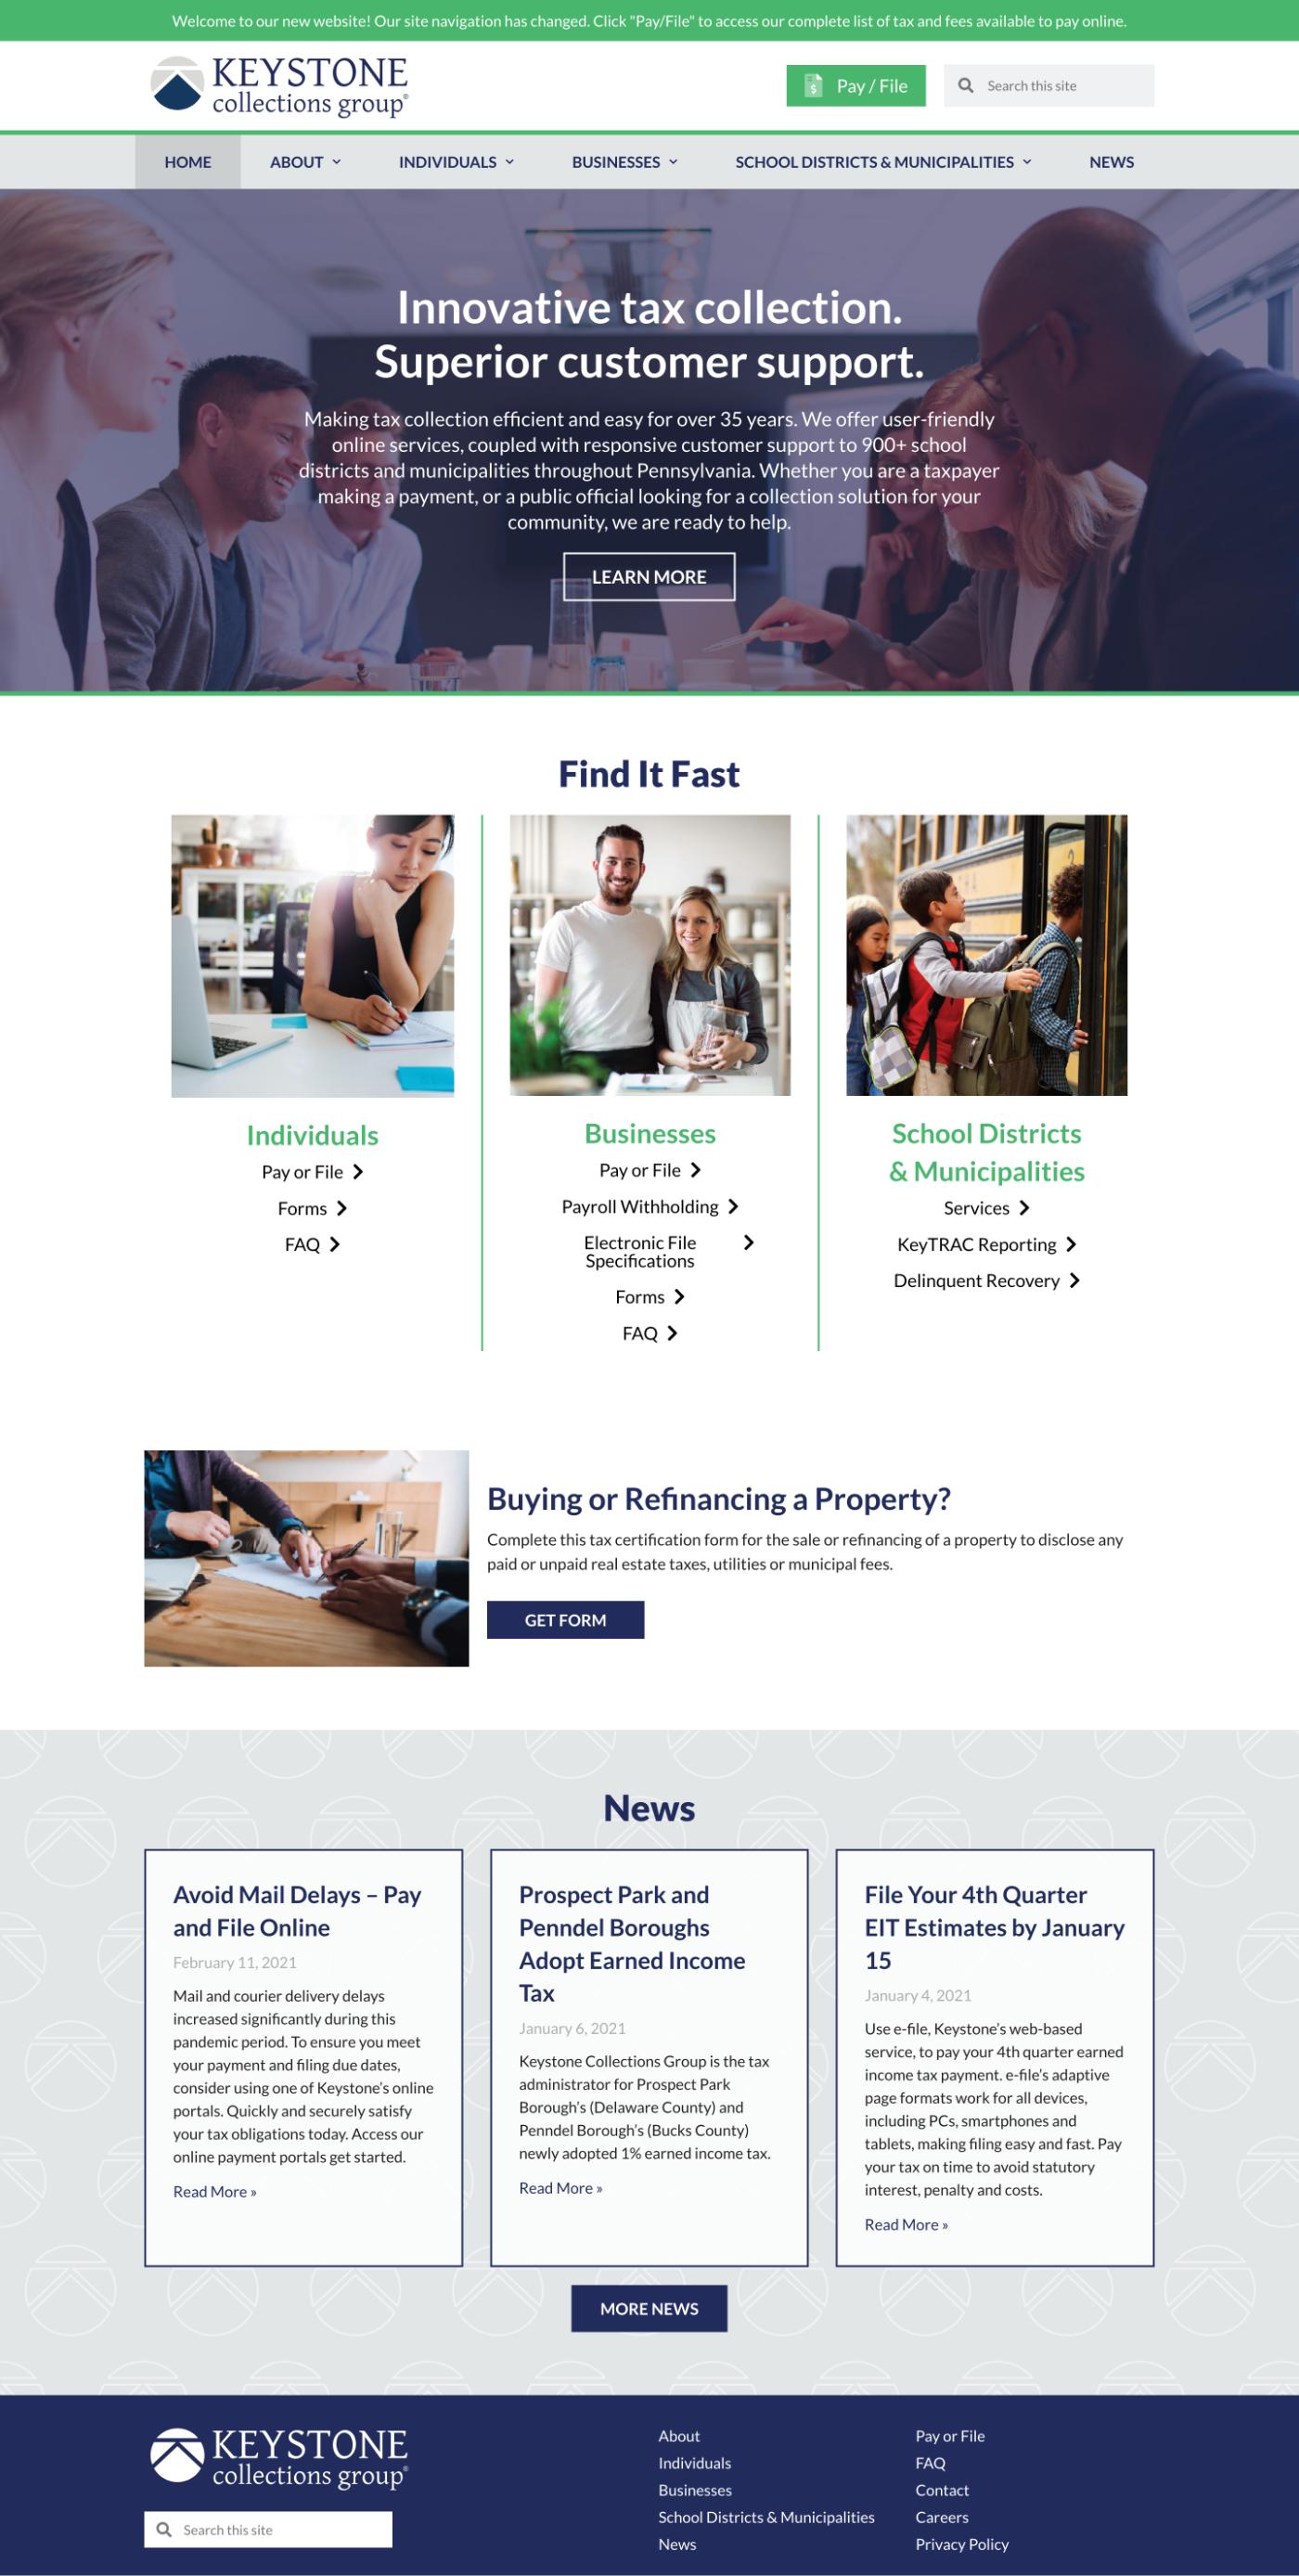 Keystone home page